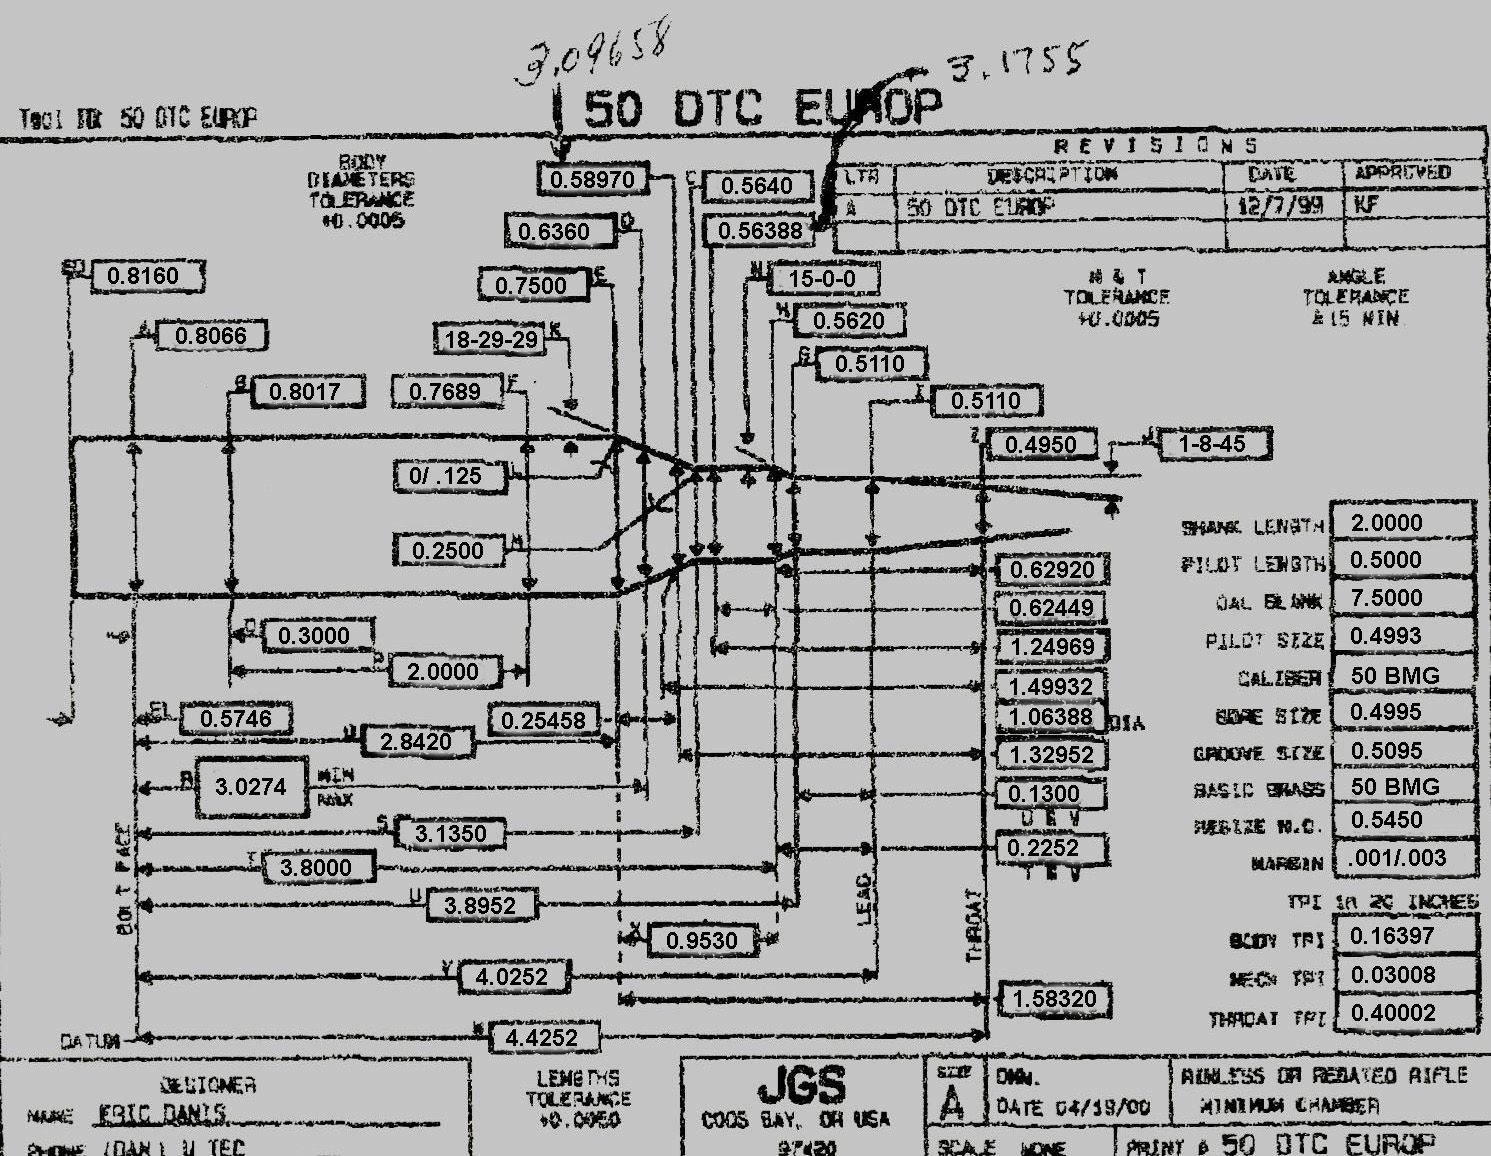 510 Dtc Rifles